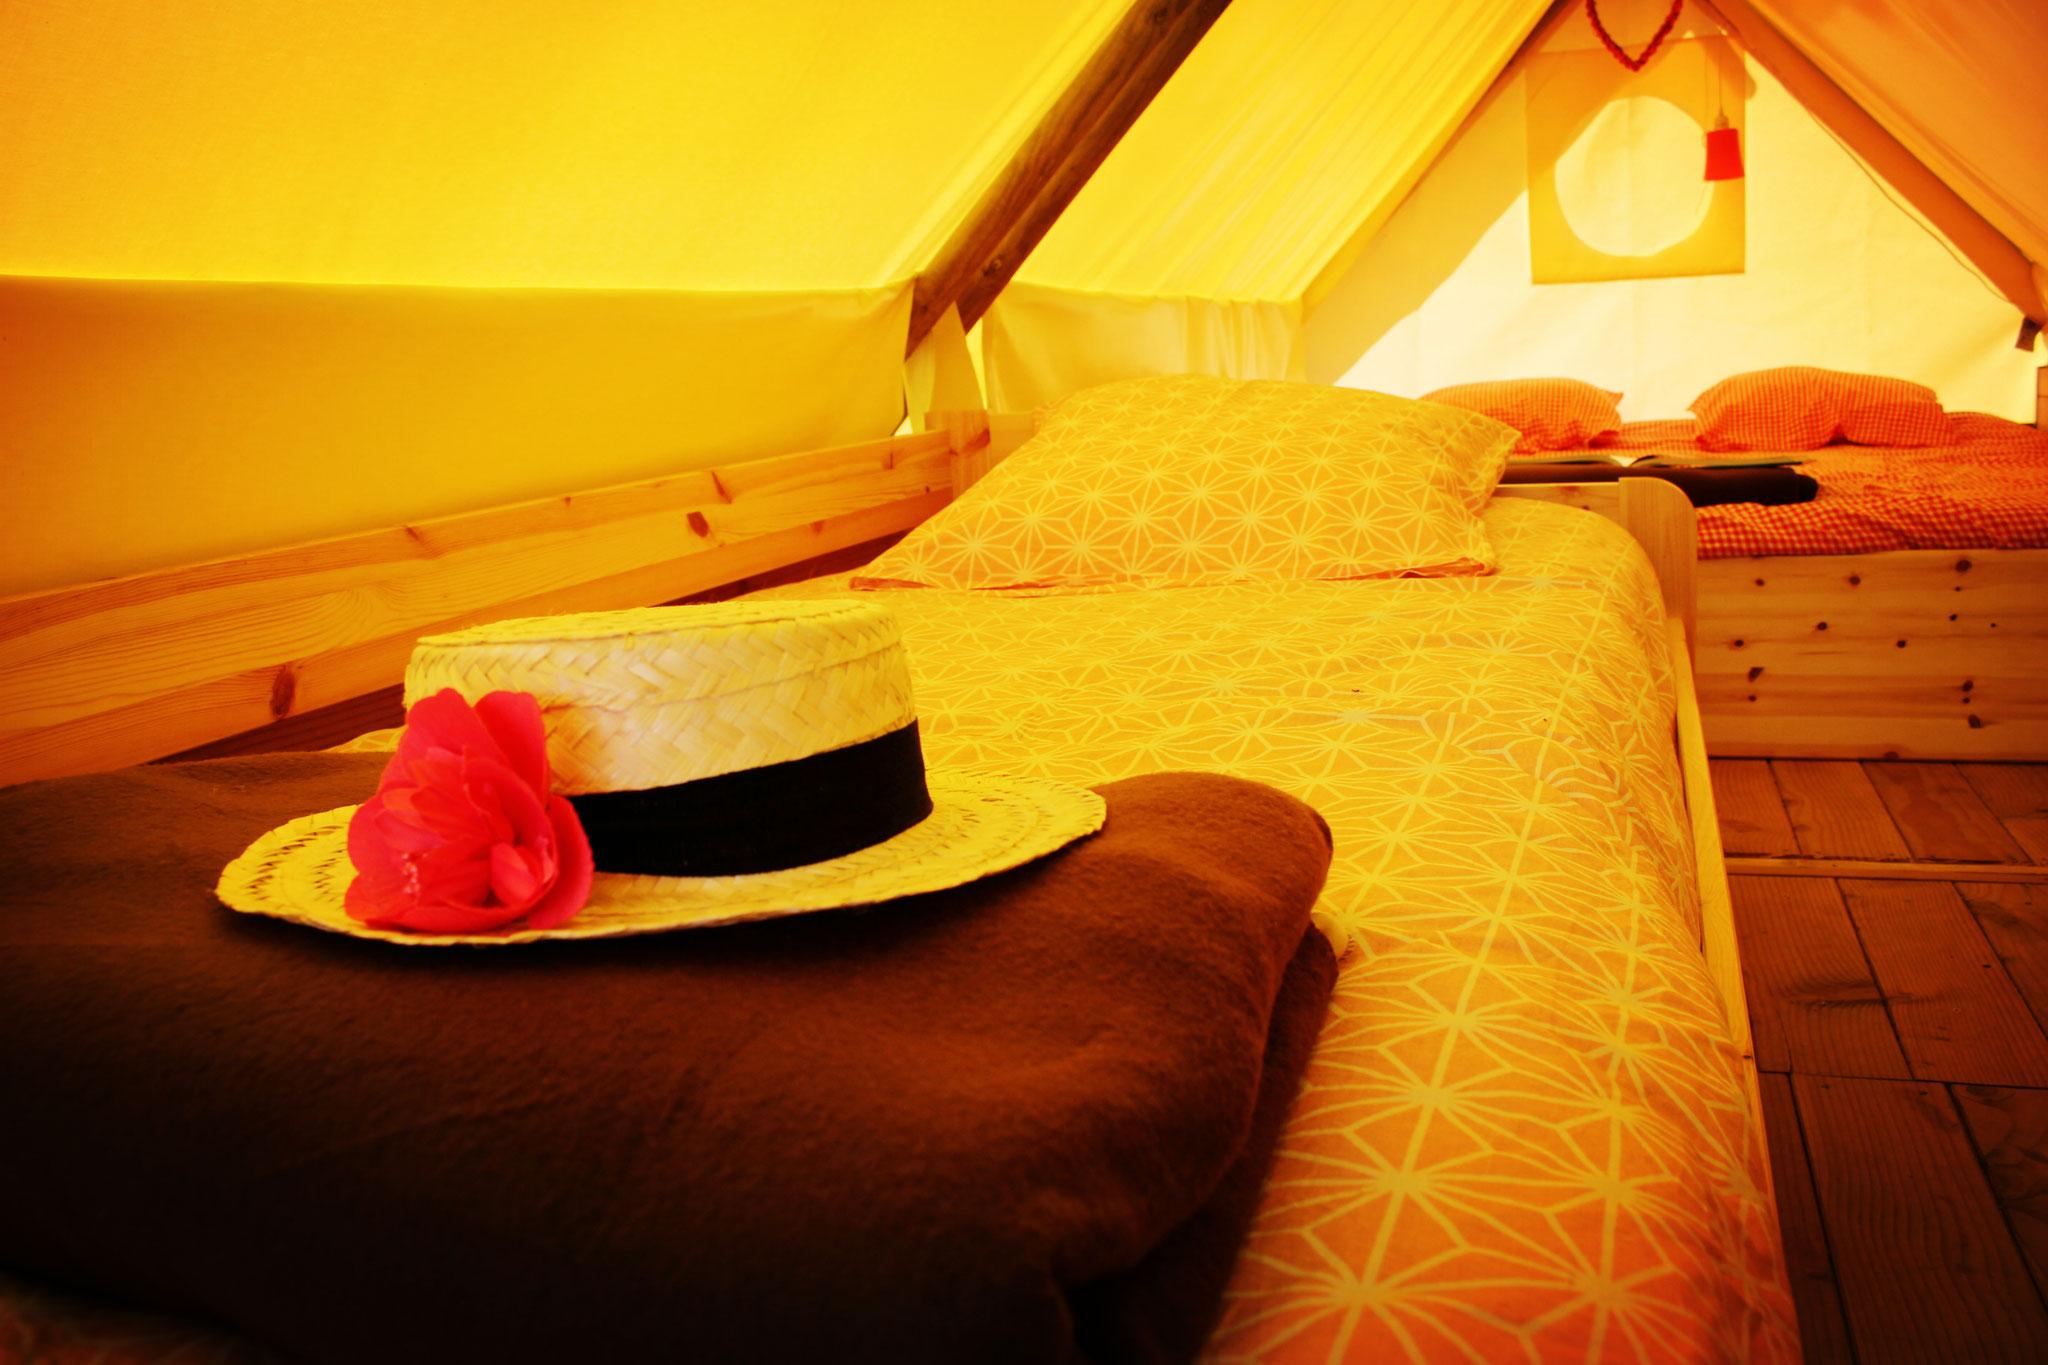 Tente perchée familiale pour 4 personnes dans le camping en Baie de Somme